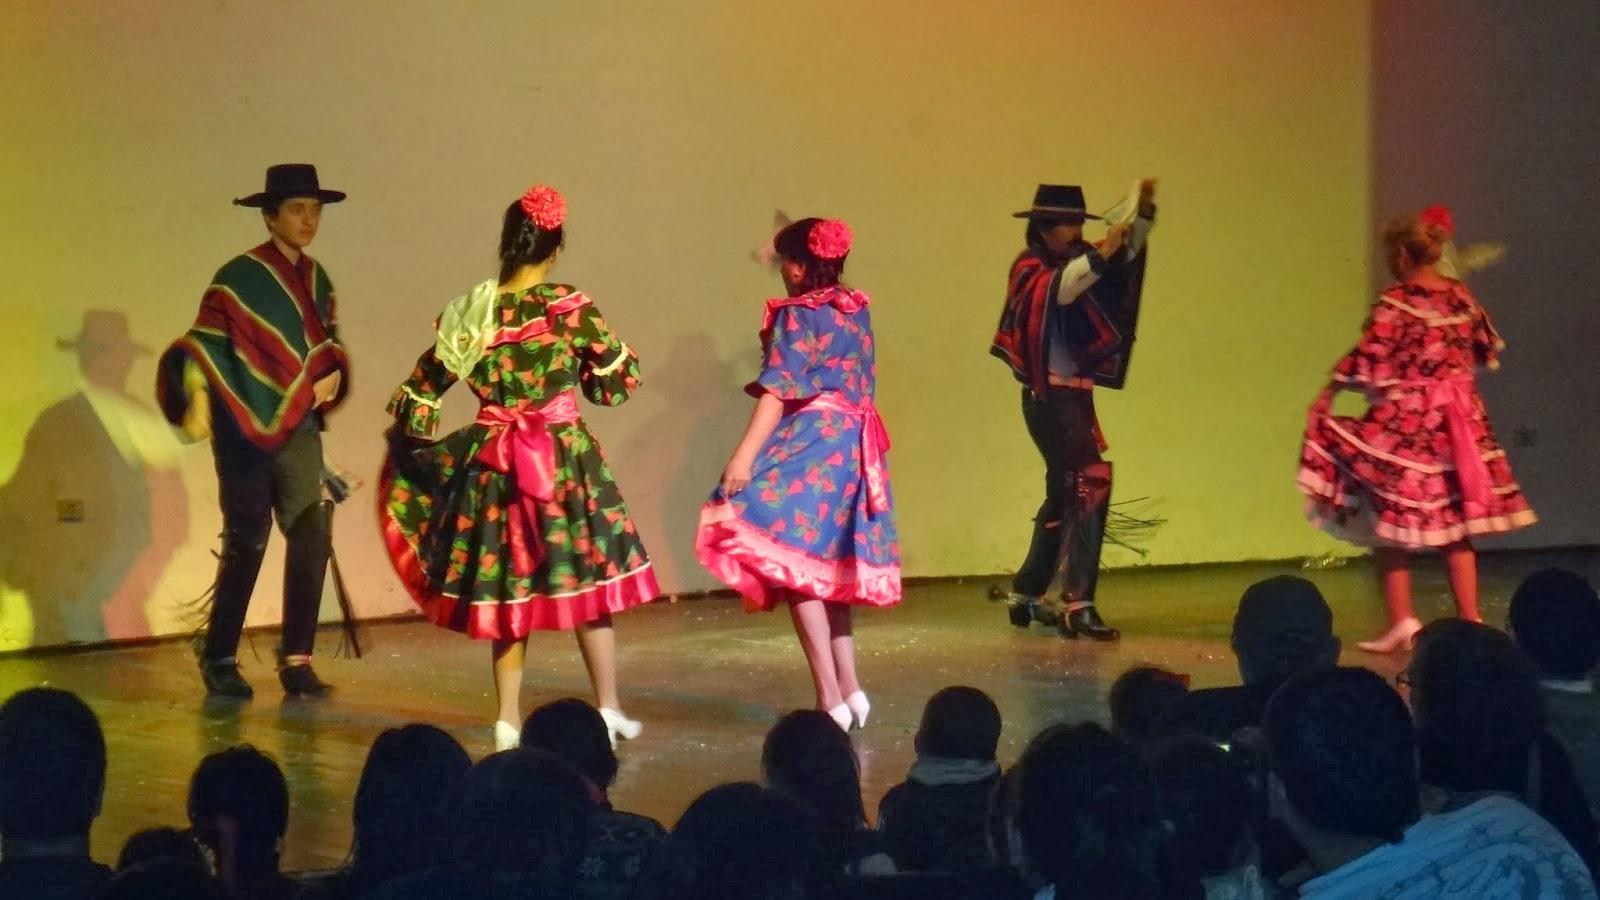 Noticias de wilde cursos en el instituto de folklore for Municipalidad de avellaneda cursos